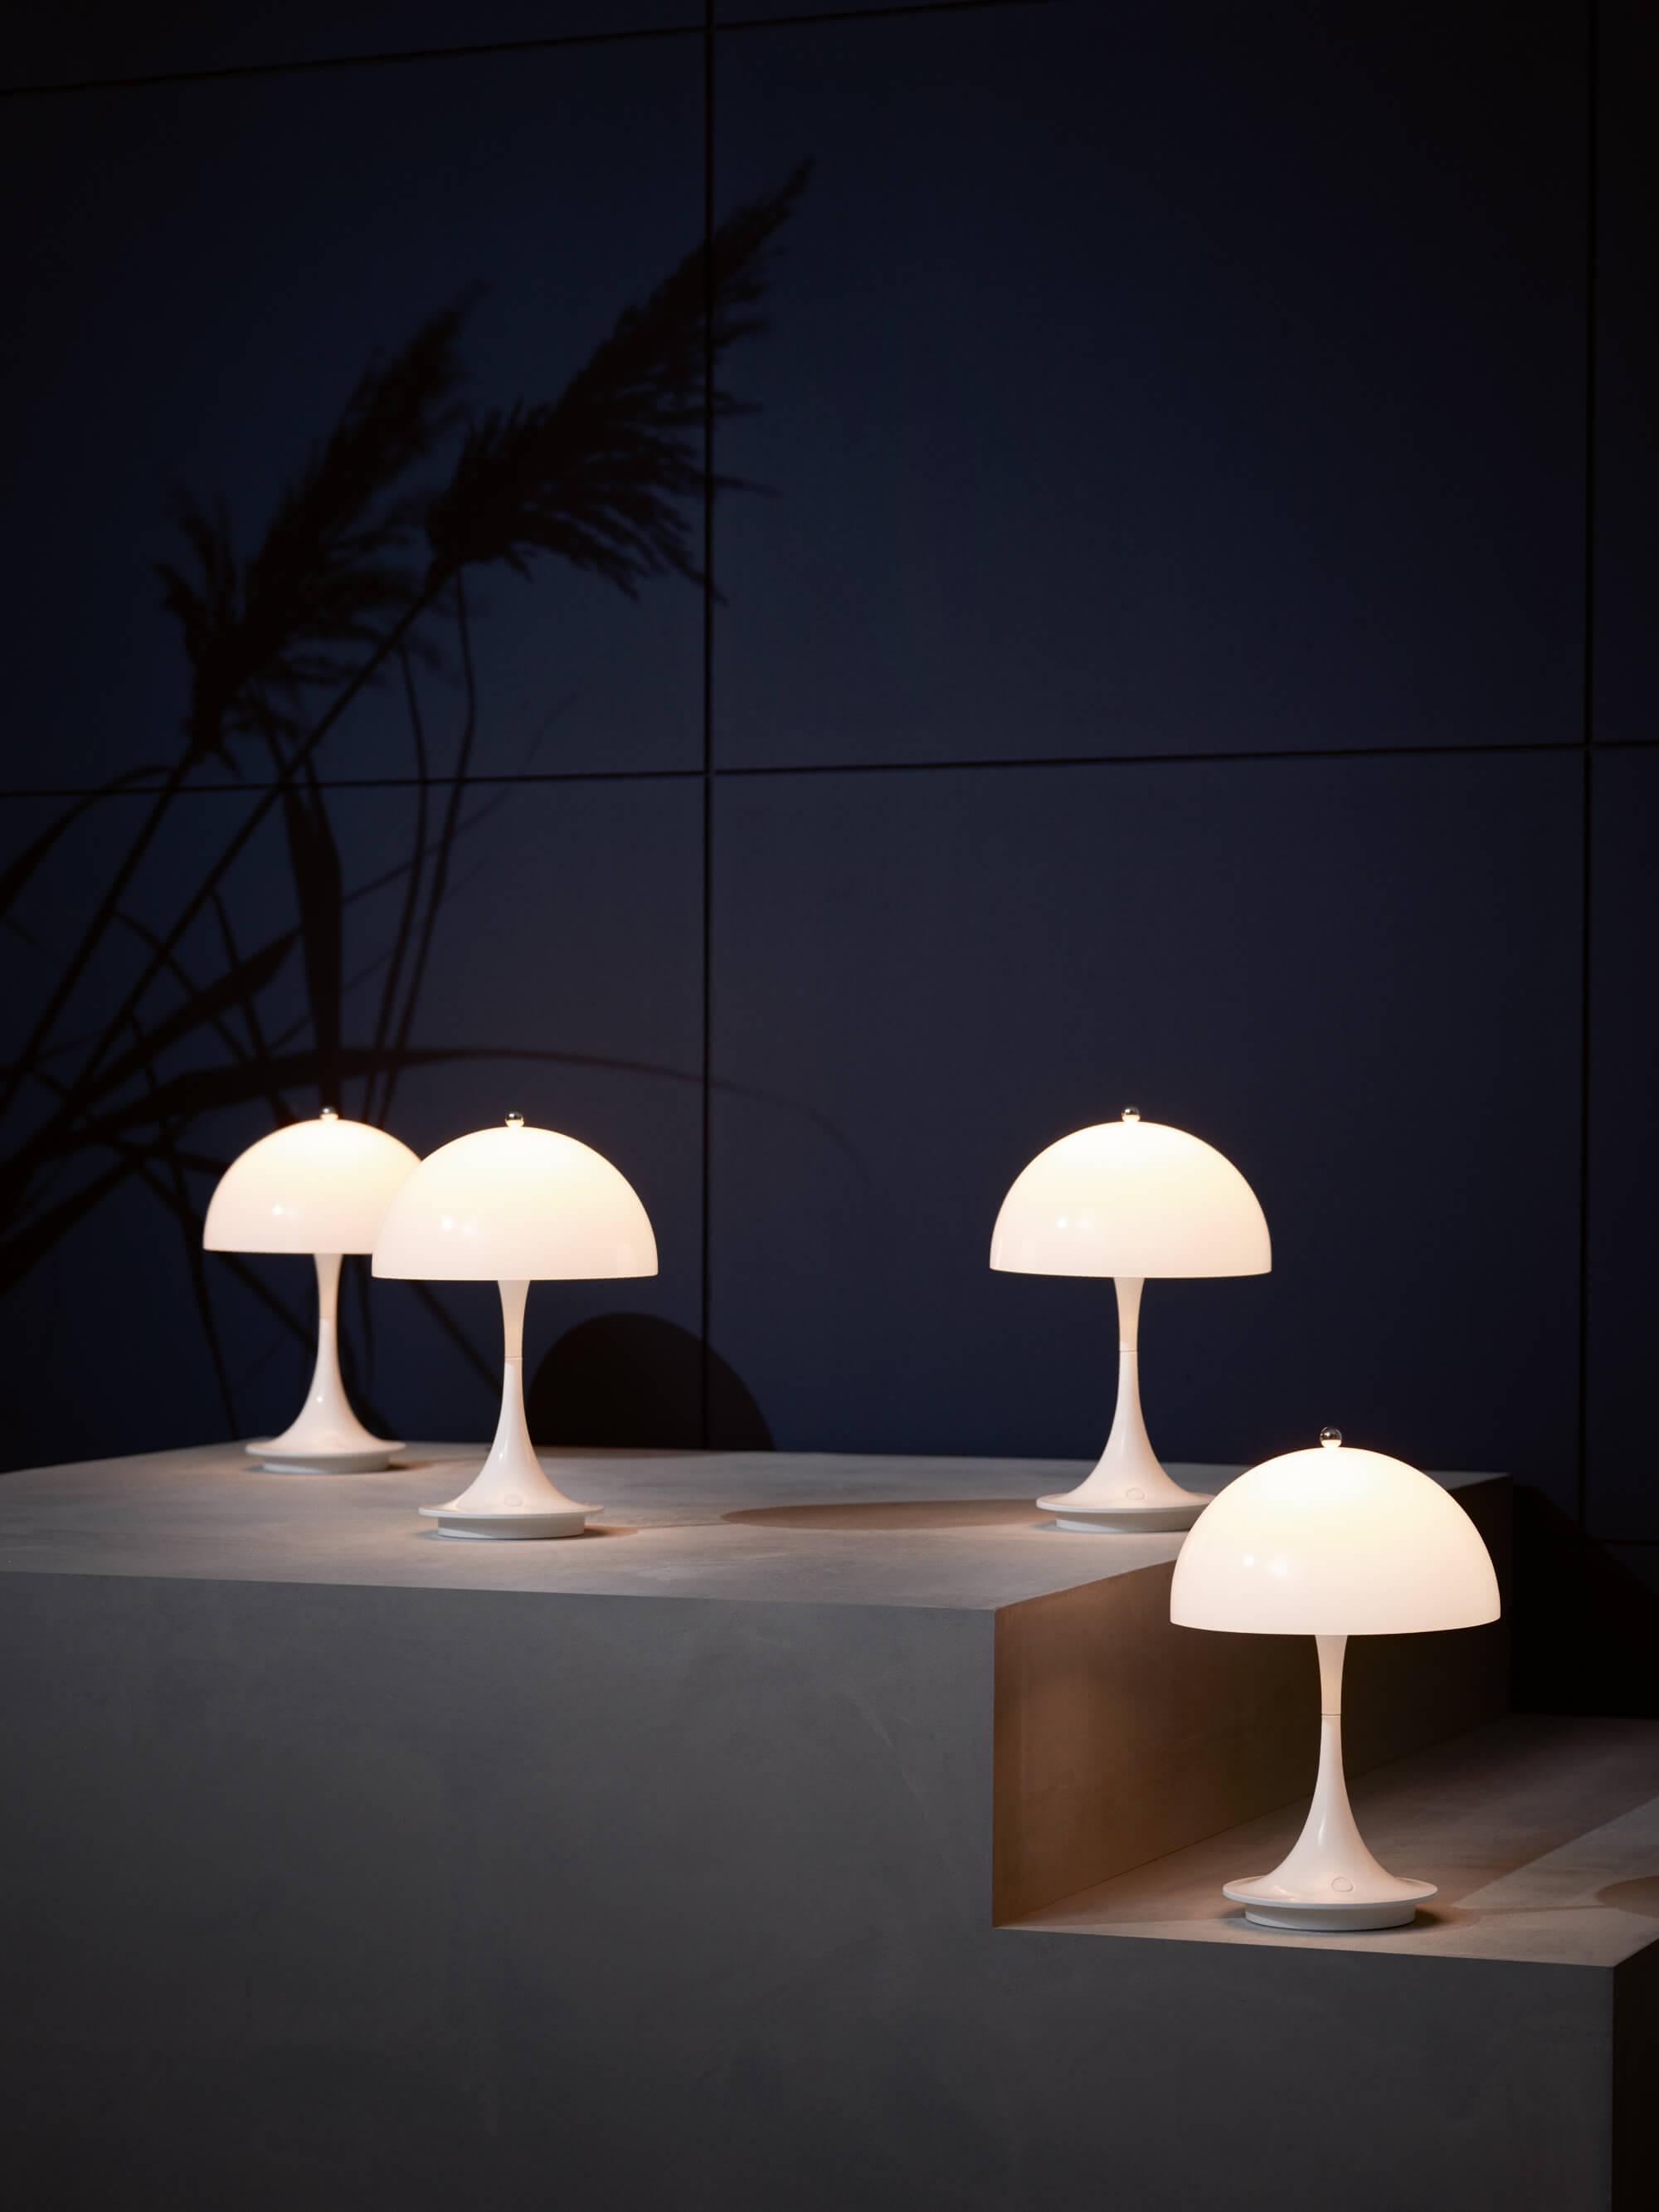 a group of mushroom shaped lights